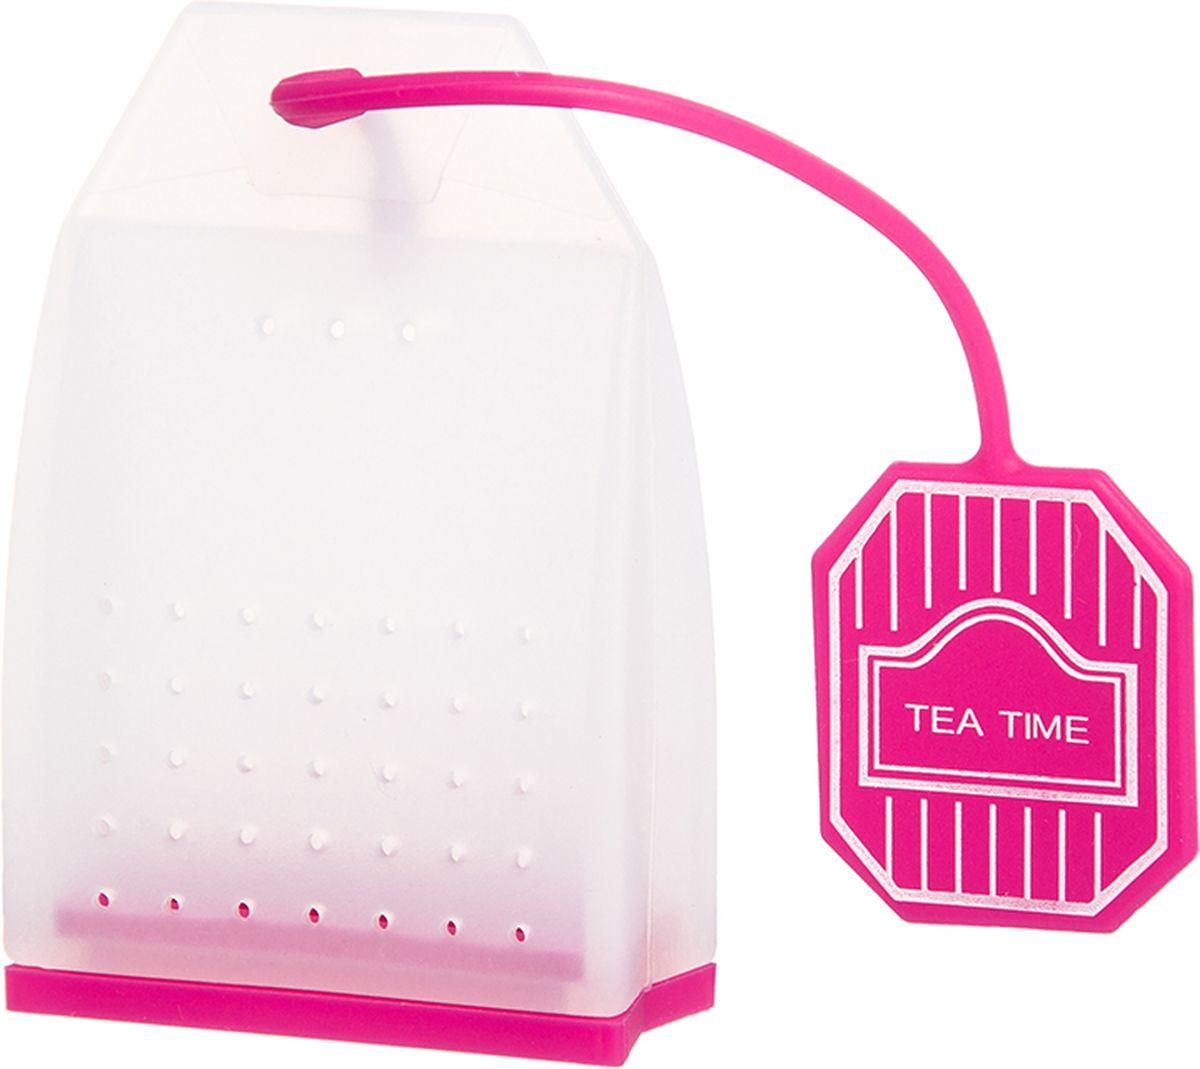 Ситечко для чая Elan Gallery Пакетик, цвет: белый, ярко-розовый, 4,5 х 6,7 х 2 см900062Силиконовое ситечко для заварки чая и трав прекрасно подойдет всем любителям чая. Ситечко довольно вместительное, с удобным силиконовым шнурком. Размер 4х3,3х5 см.